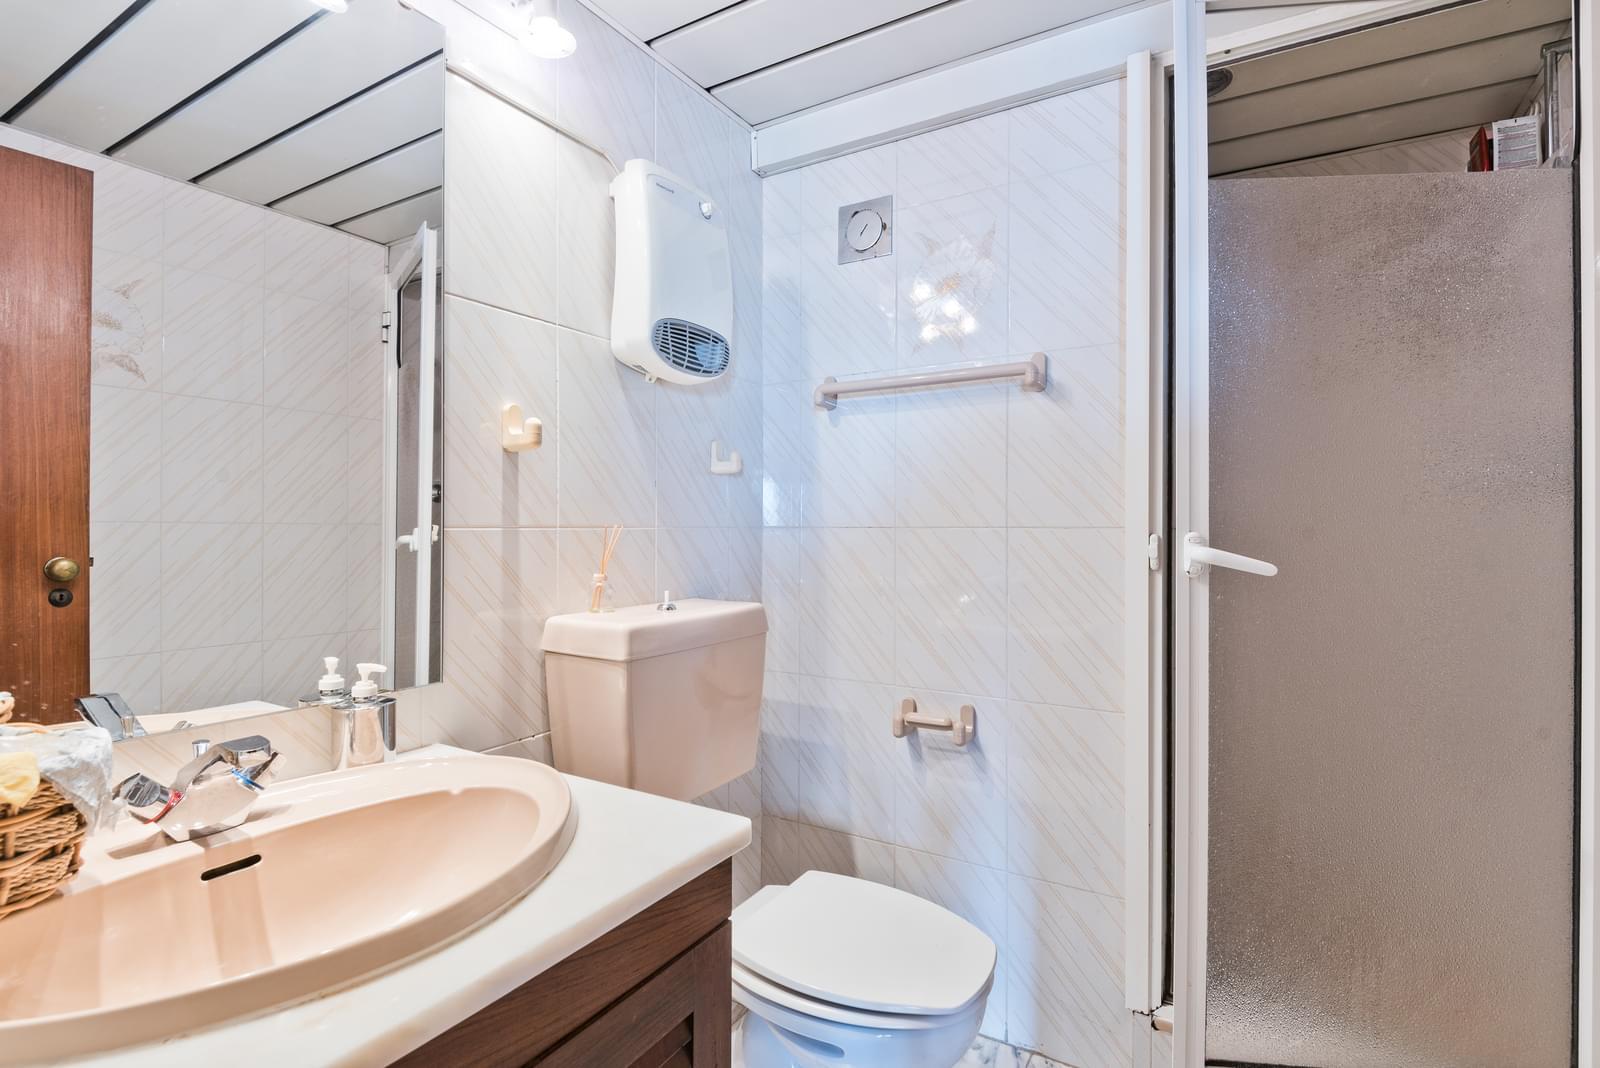 pf19112-apartamento-t3-cascais-6e013684-44f8-42e0-a2ed-92c980615478